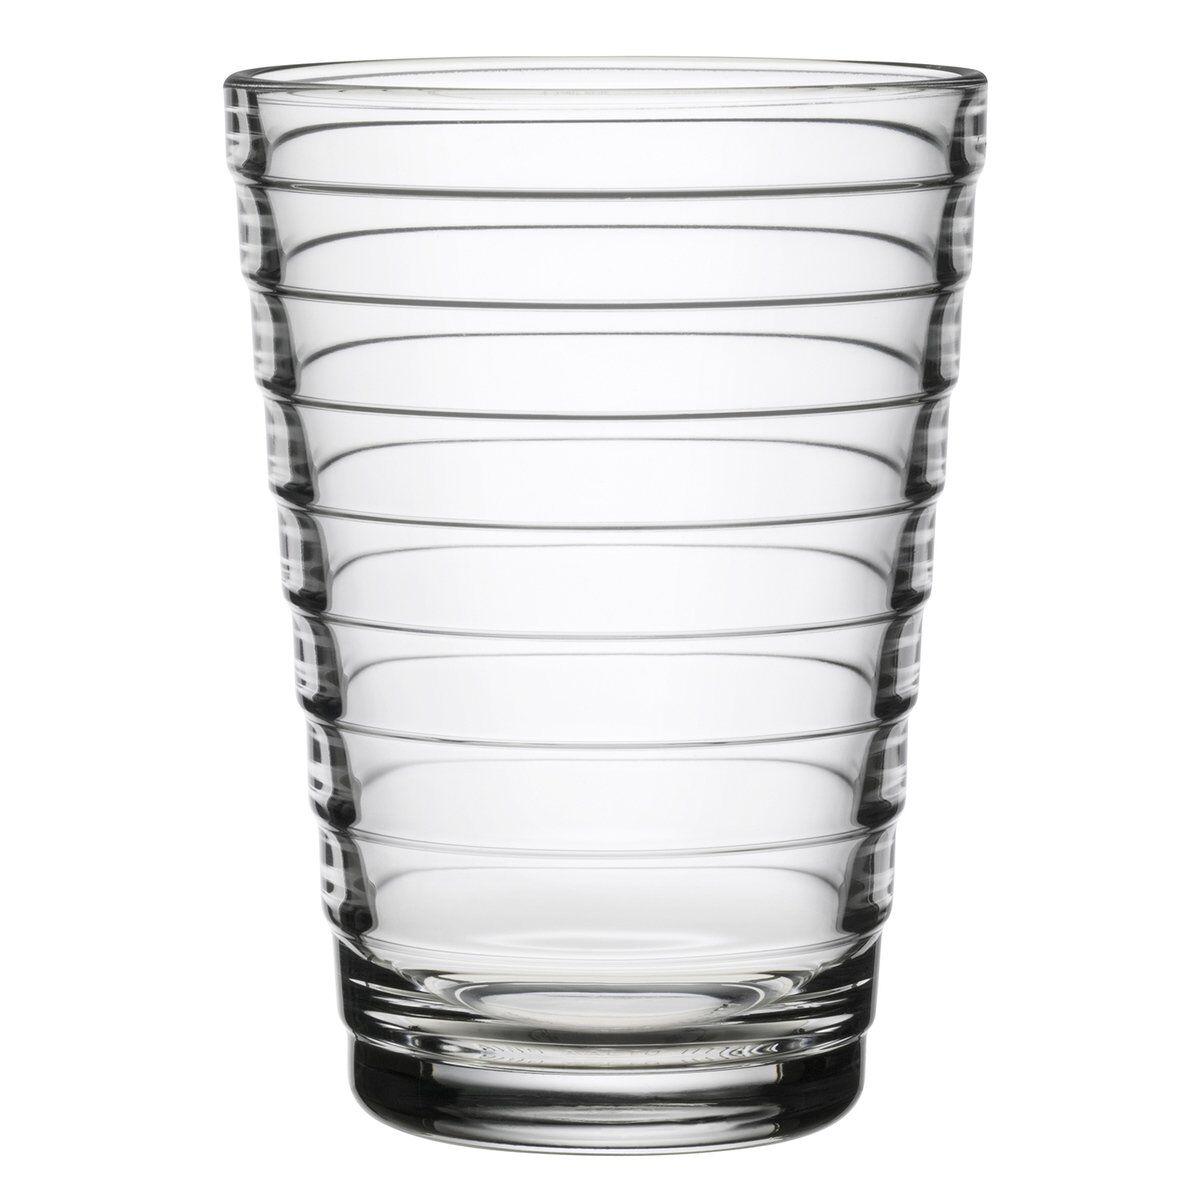 iittala Aino Aalto juomalasi 33 cl, kirkas, 2 kpl